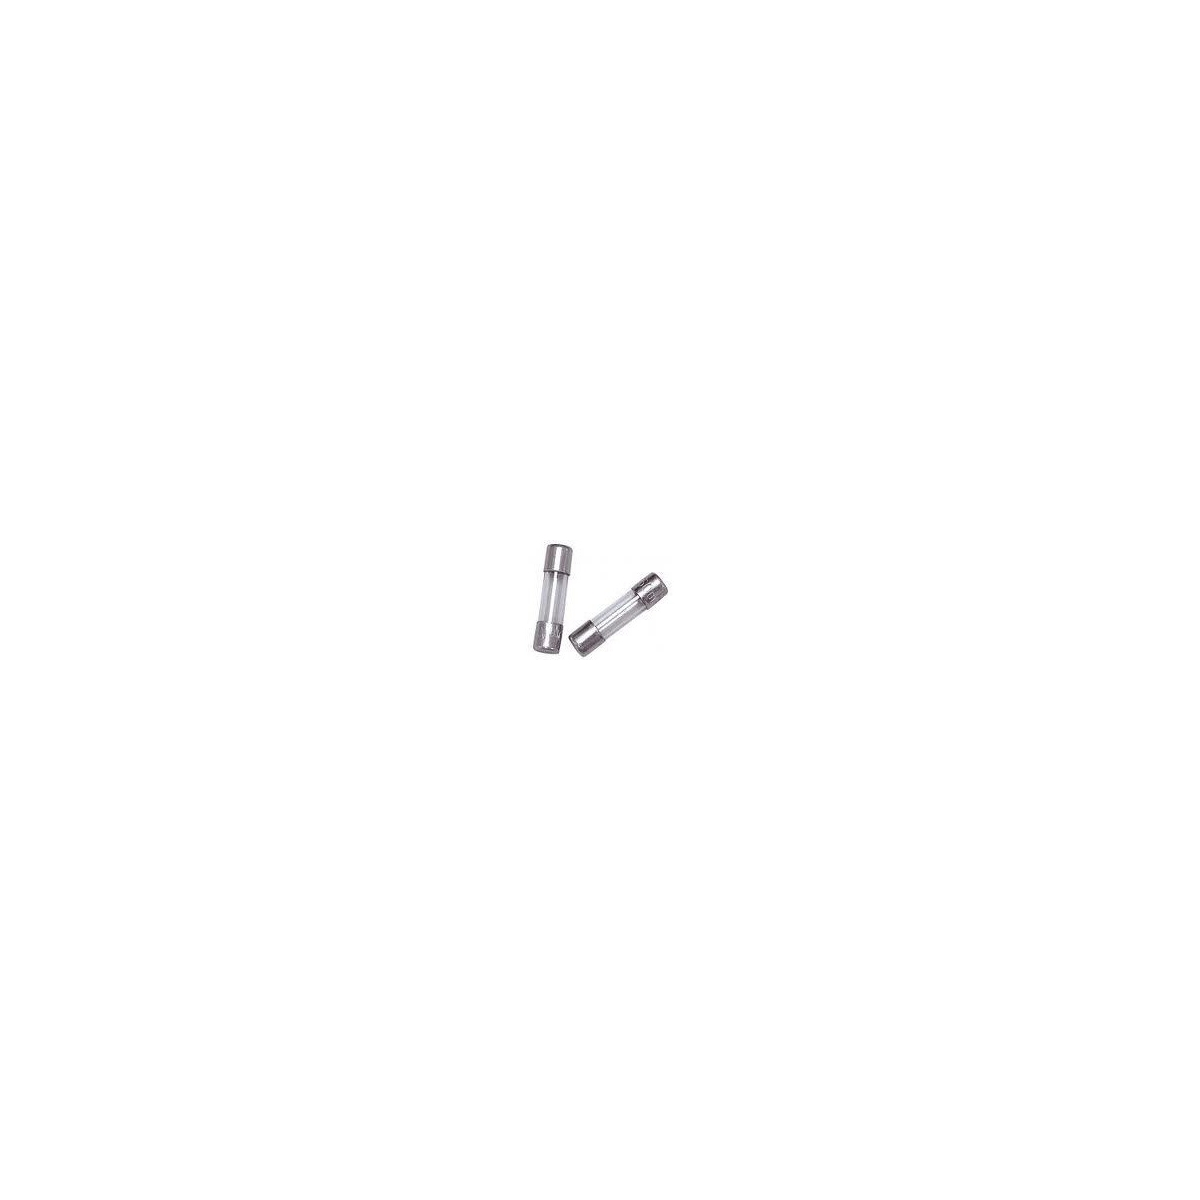 FUSIVEL - F RAPIDO 5X20MM (PACOTE COM 10 UNIDADES )-   2A